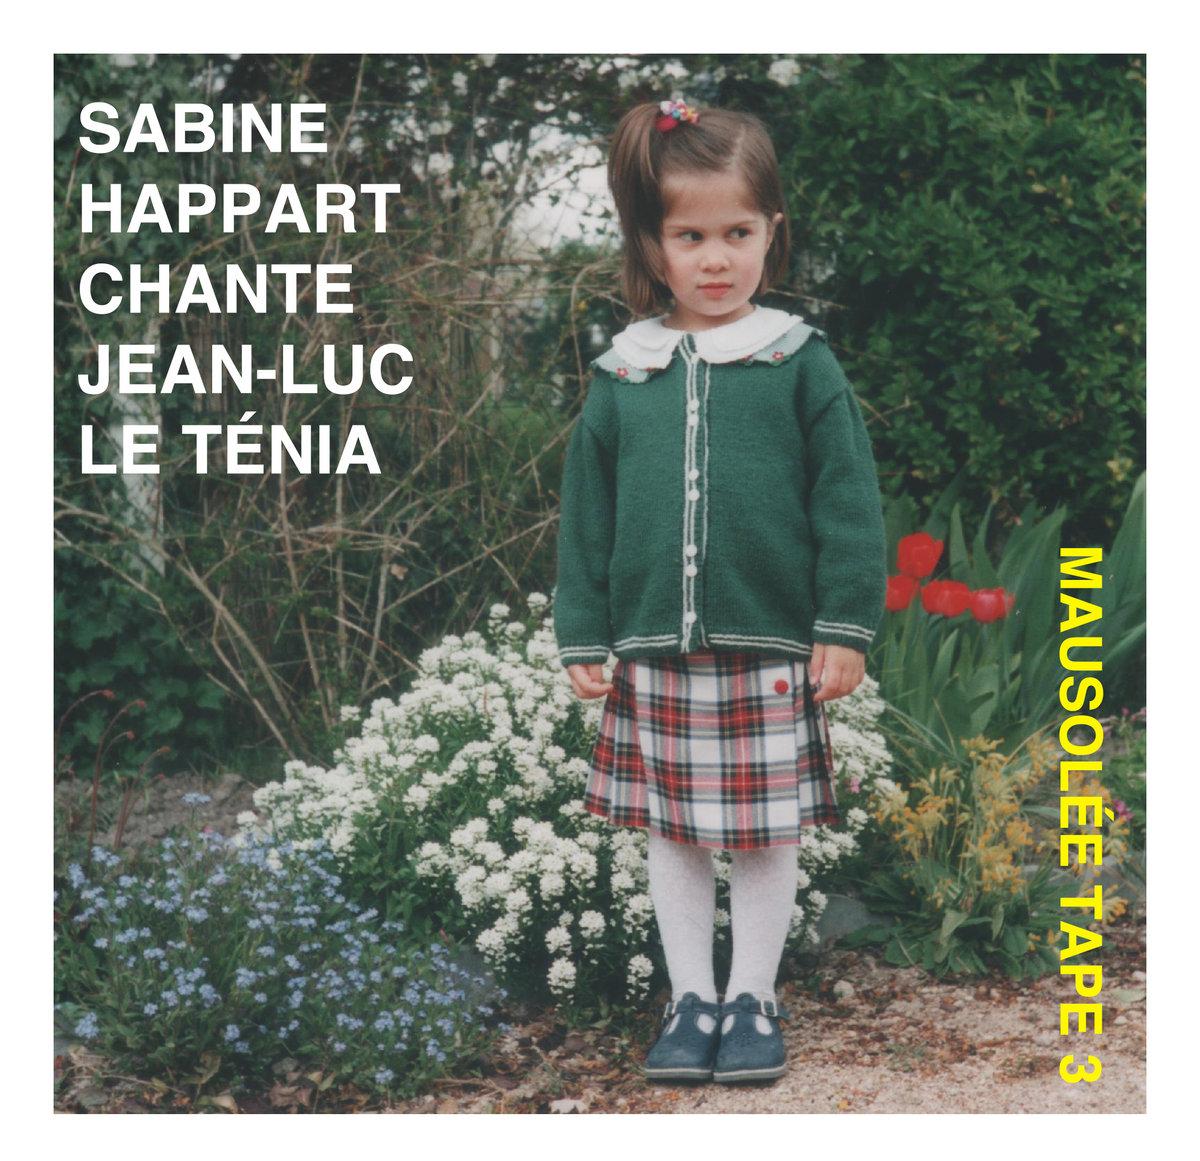 """Résultat de recherche d'images pour """"SABINE HAPPART MAUSOLEE TAPE 3 CD"""""""